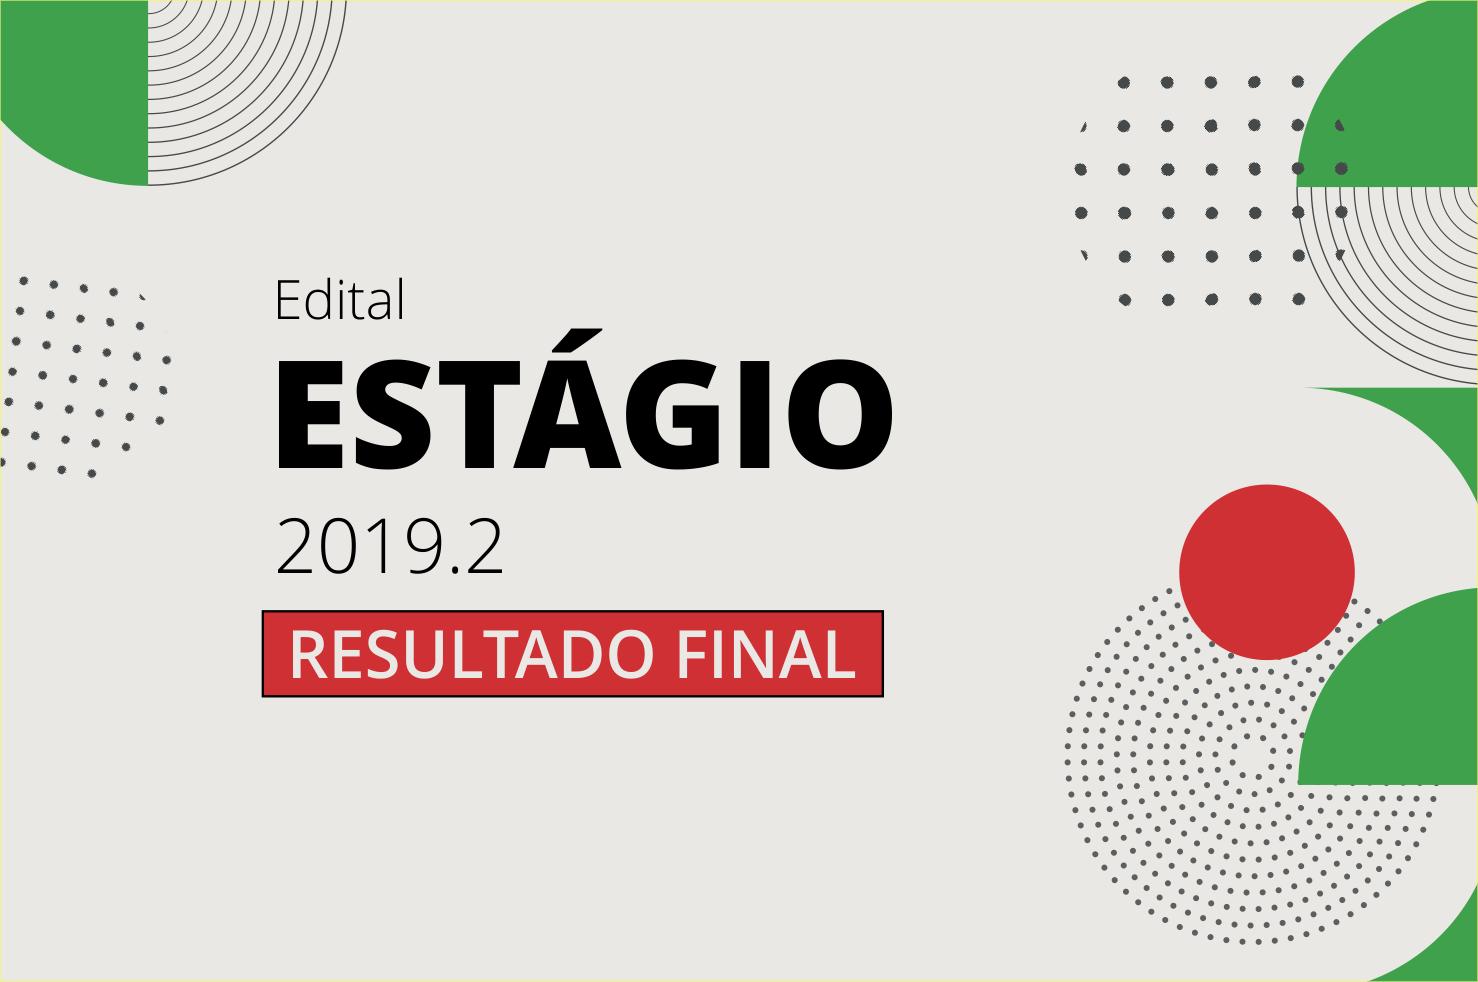 estágio 2019.2 Resultado final